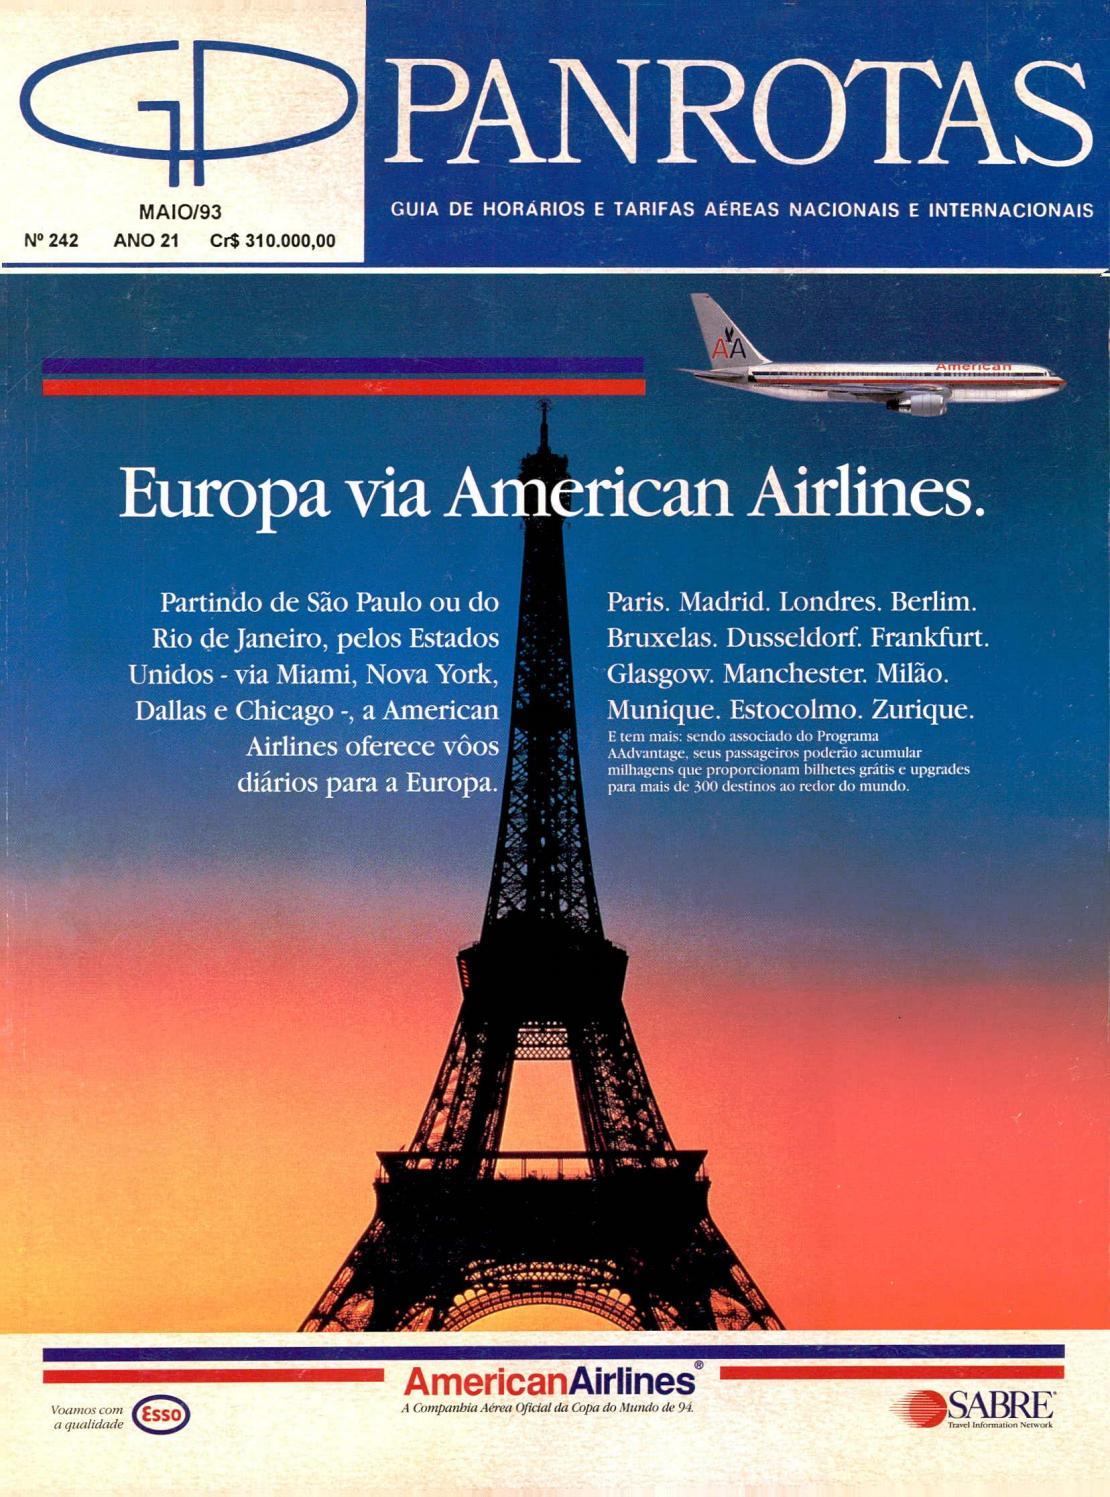 Guia PANROTAS - Edição 242 - Maio 1993 by PANROTAS Editora - issuu 93950e3e747